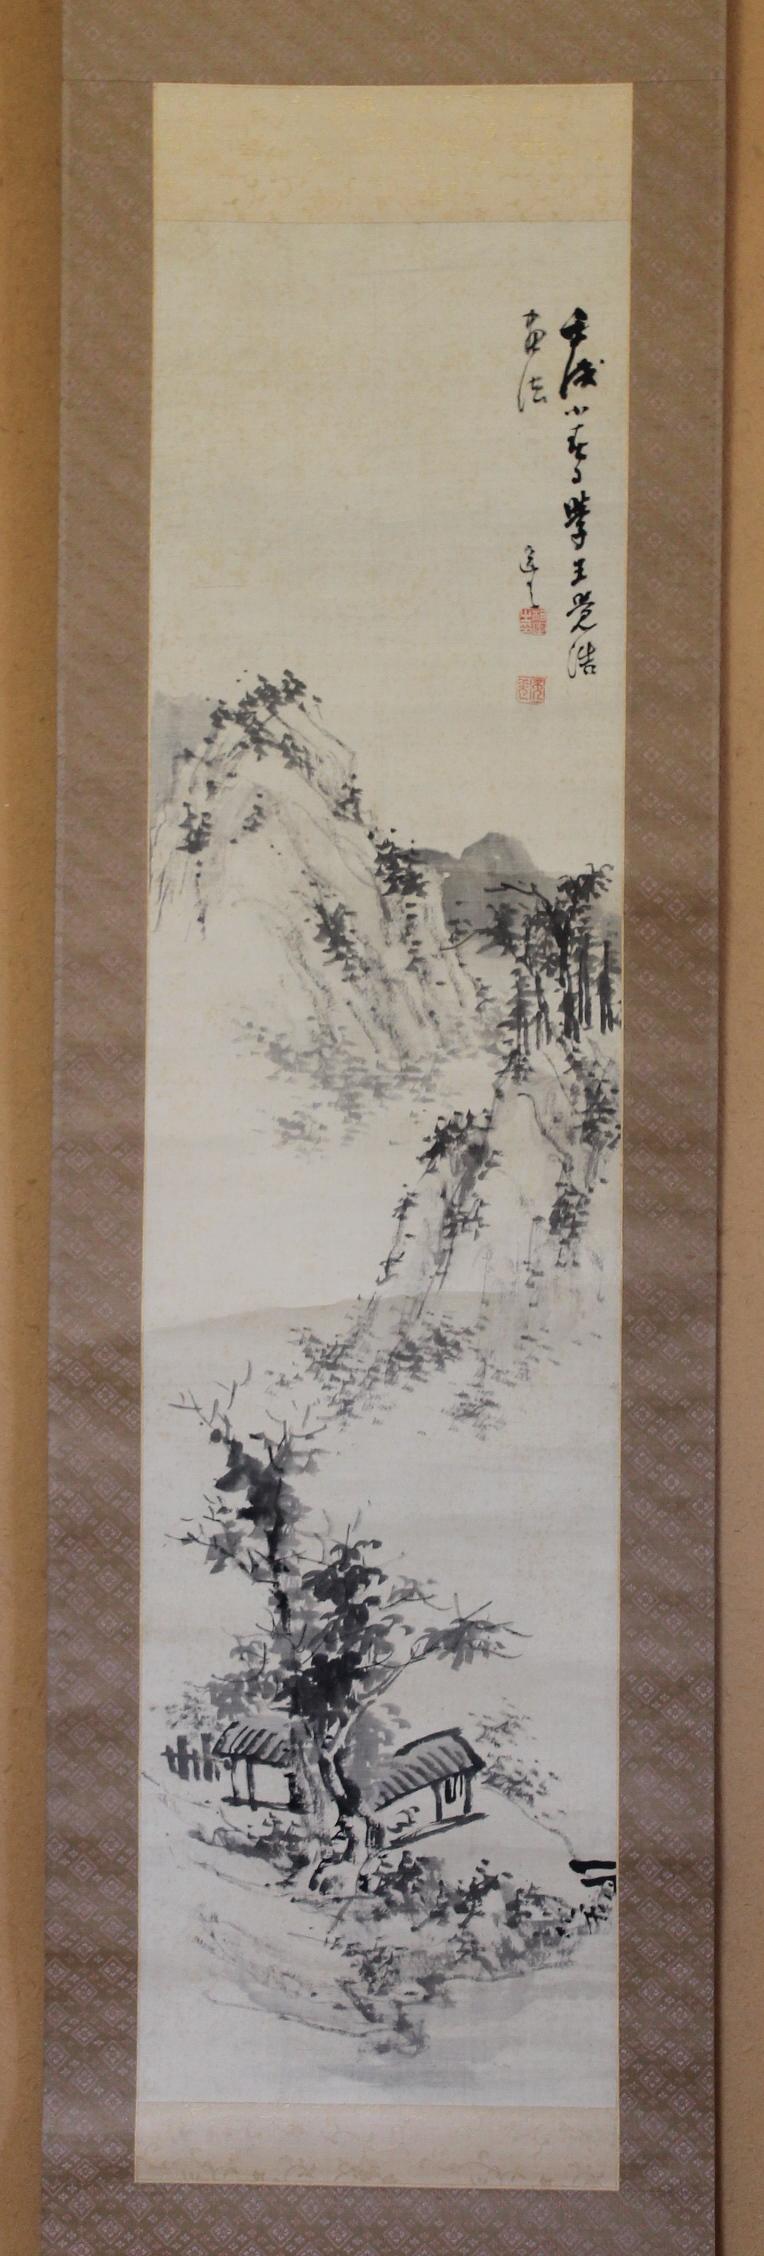 長崎三大家 木下逸雲 山水図 | M&Kラボラトリーズ